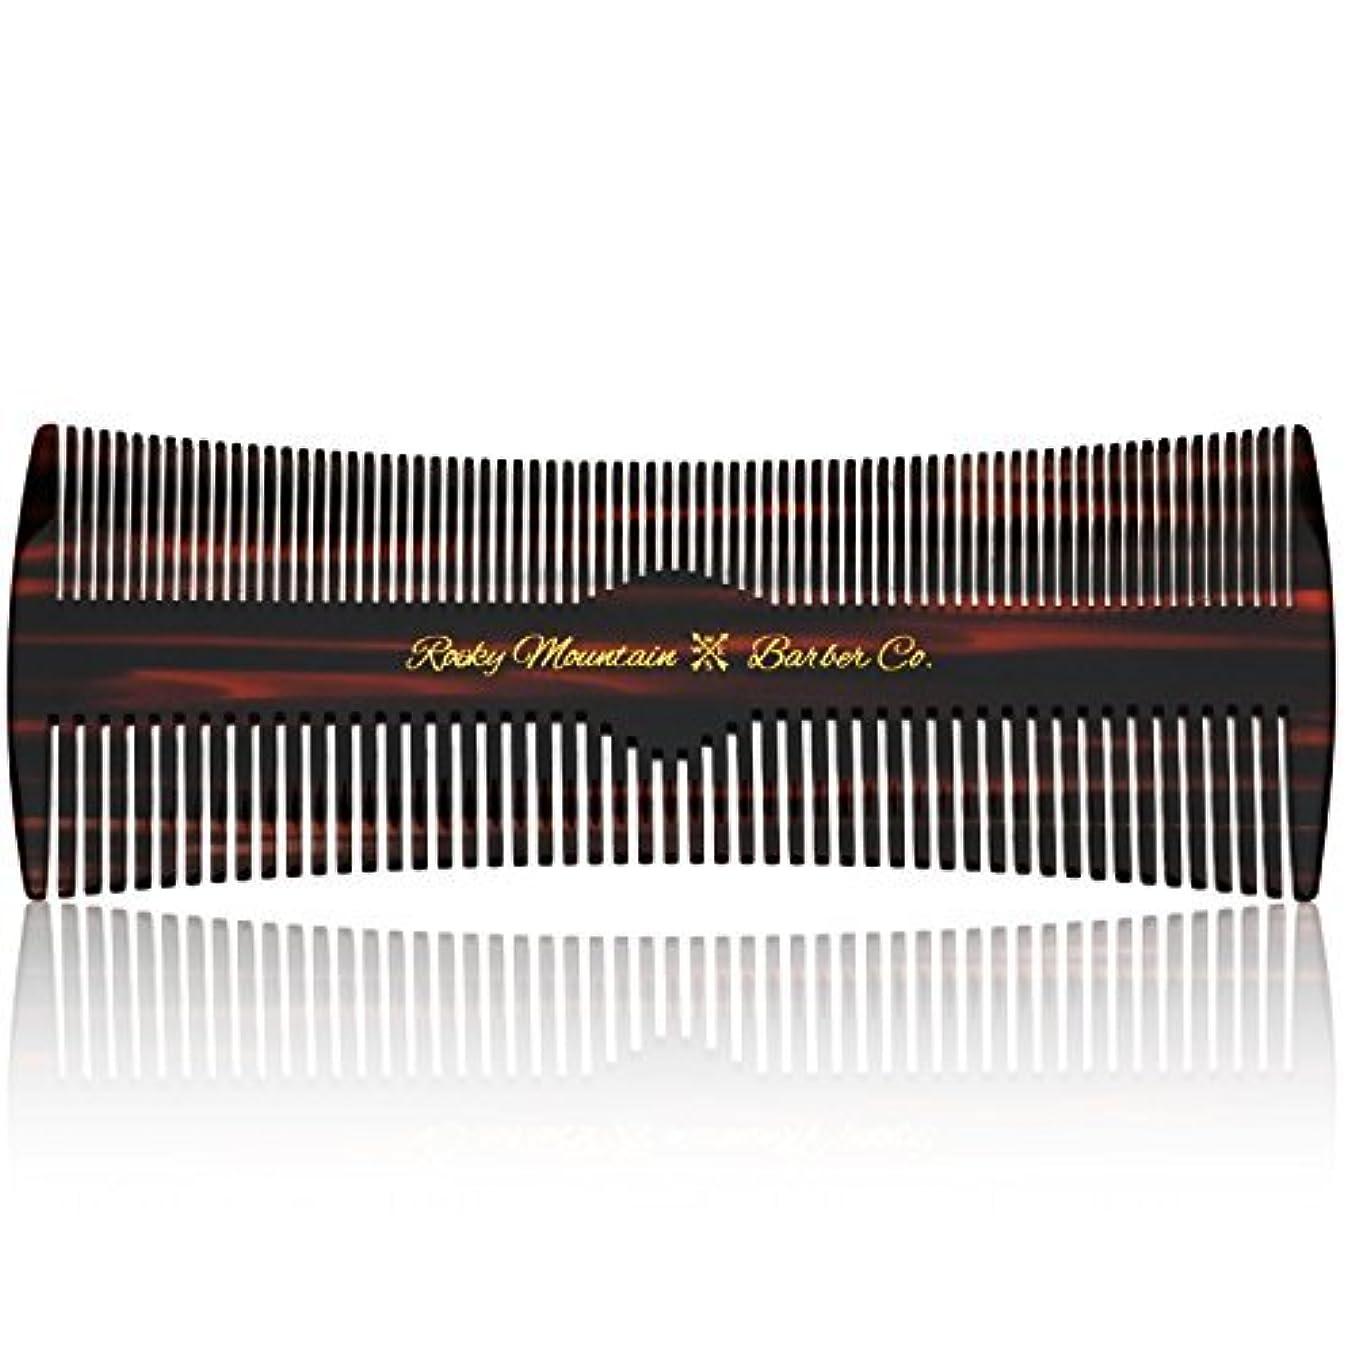 階層クールオンスHair Comb - Fine and Medium Tooth Comb for Head Hair, Beard, Mustache - Warp Resistant, No Snag Design with Contour...